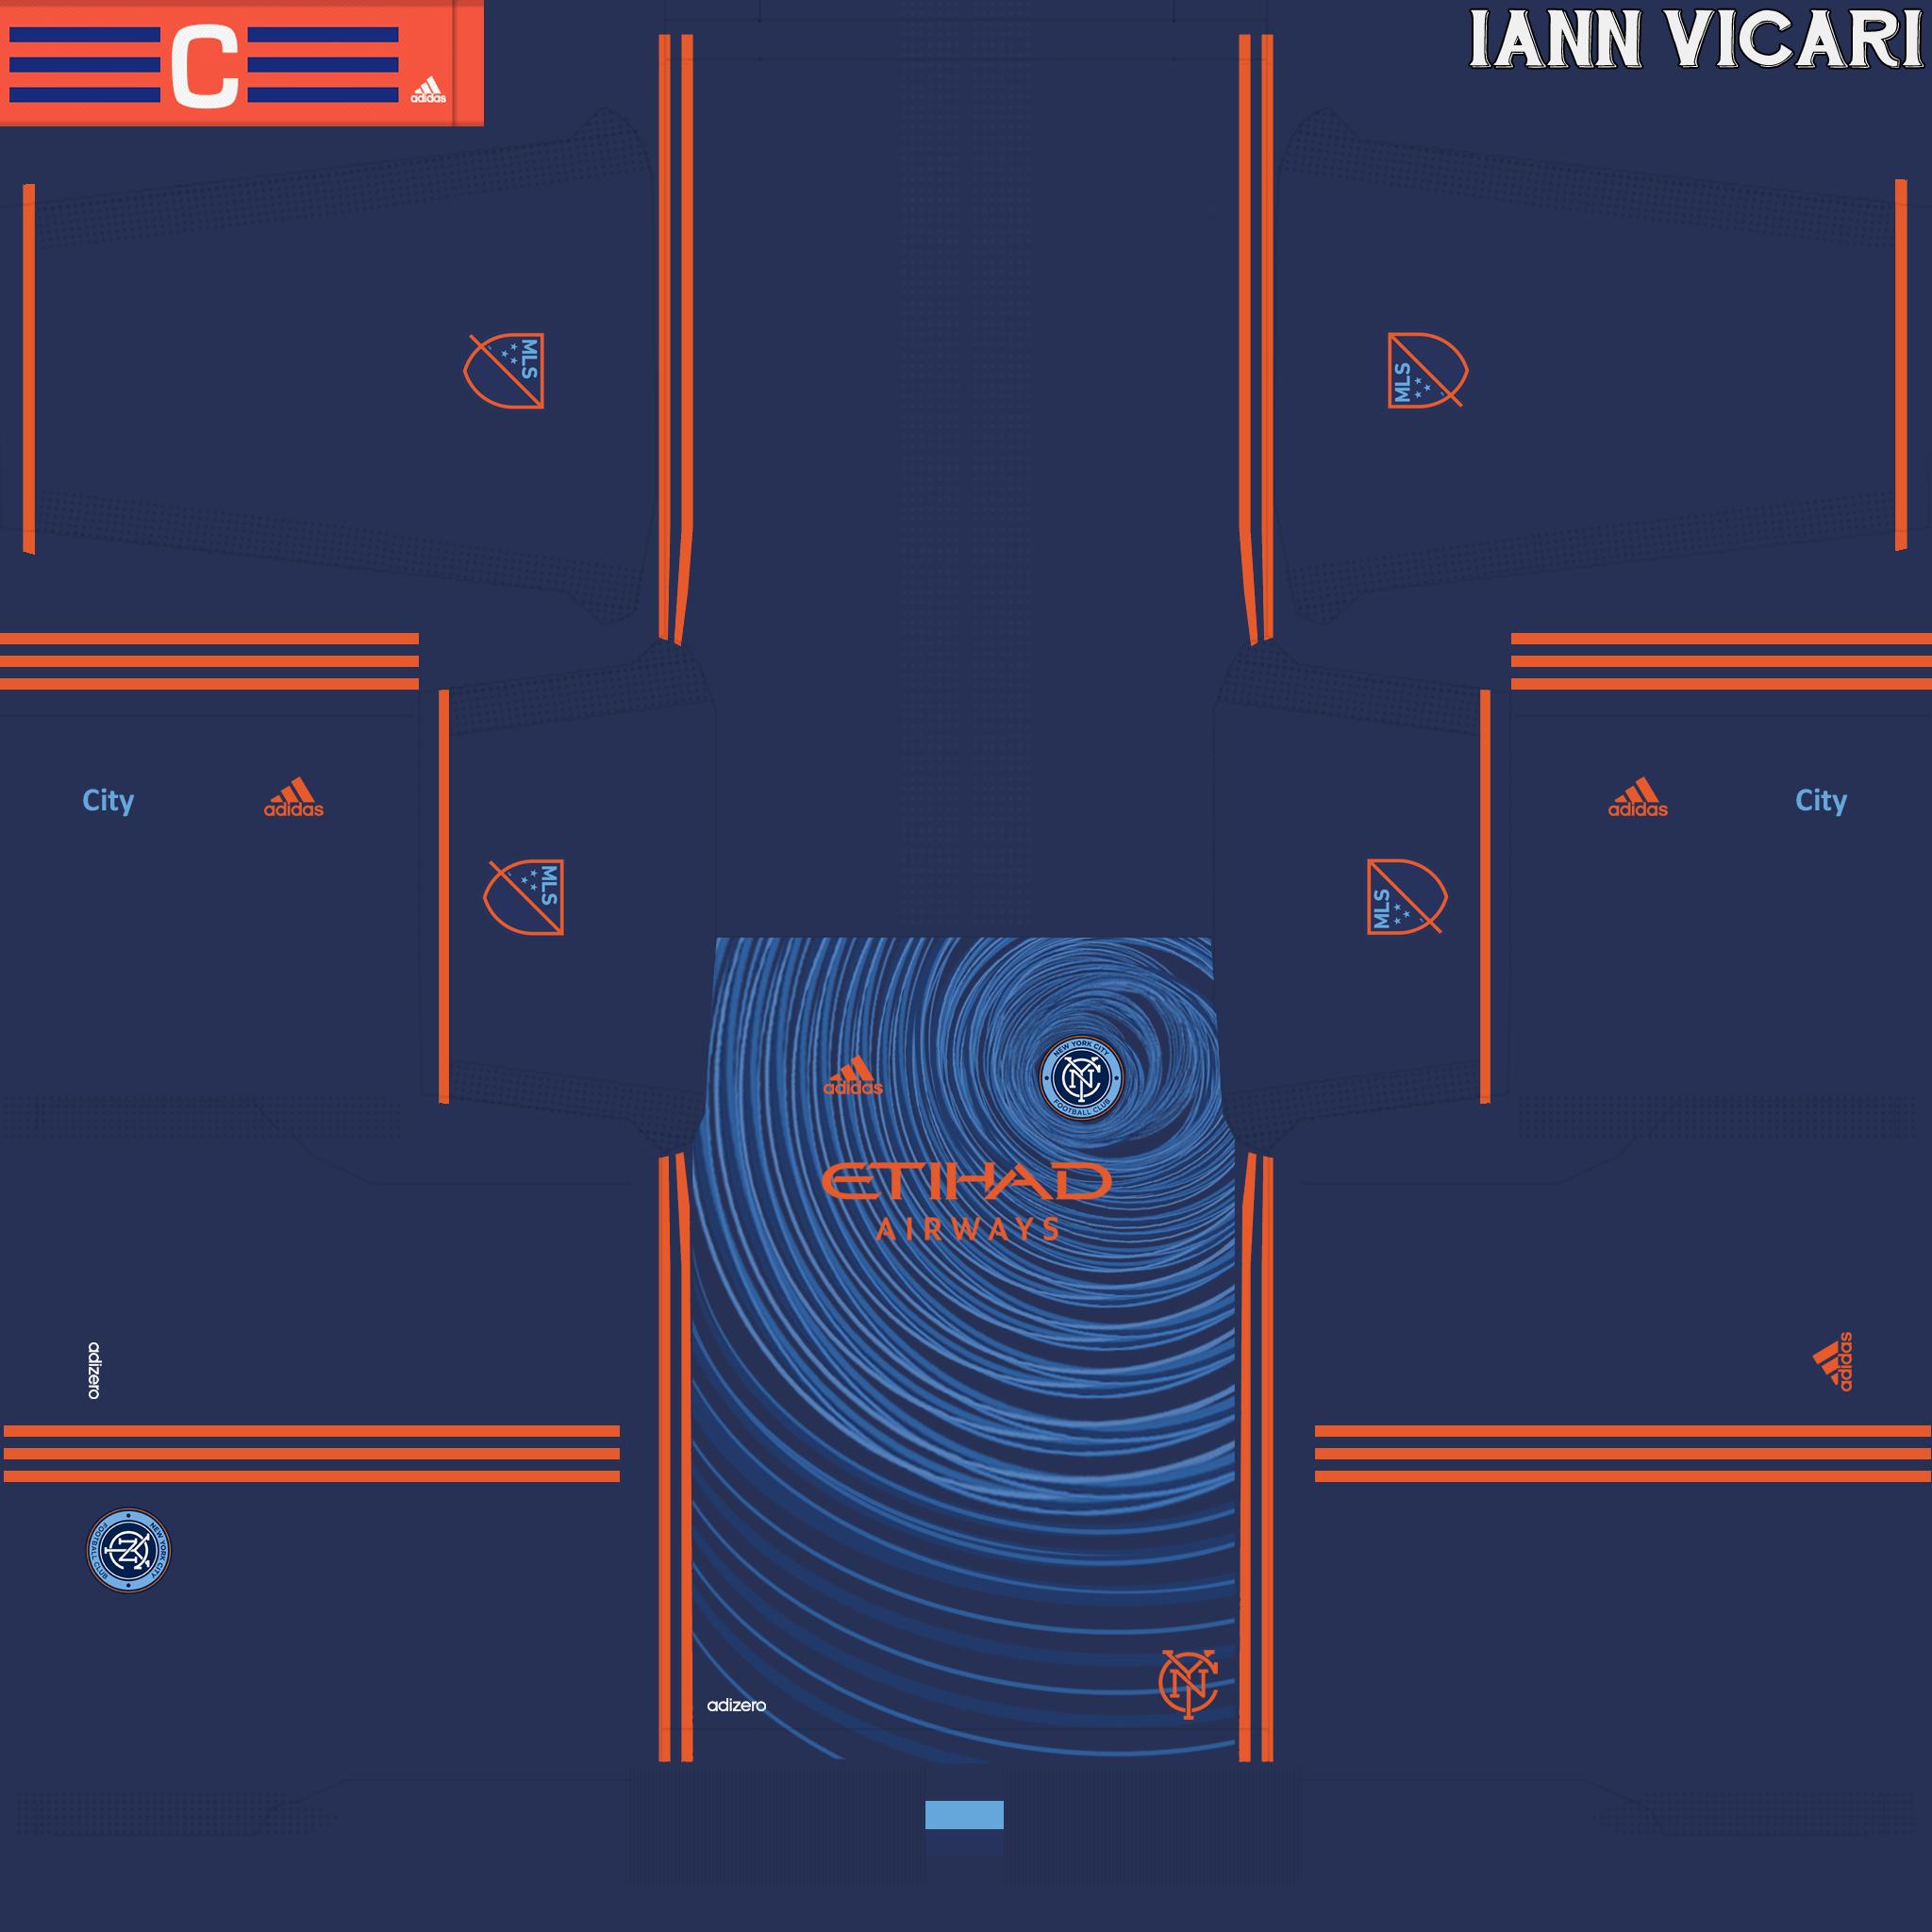 [KITS] Pes 2017 PS4 Kits By Vicari's